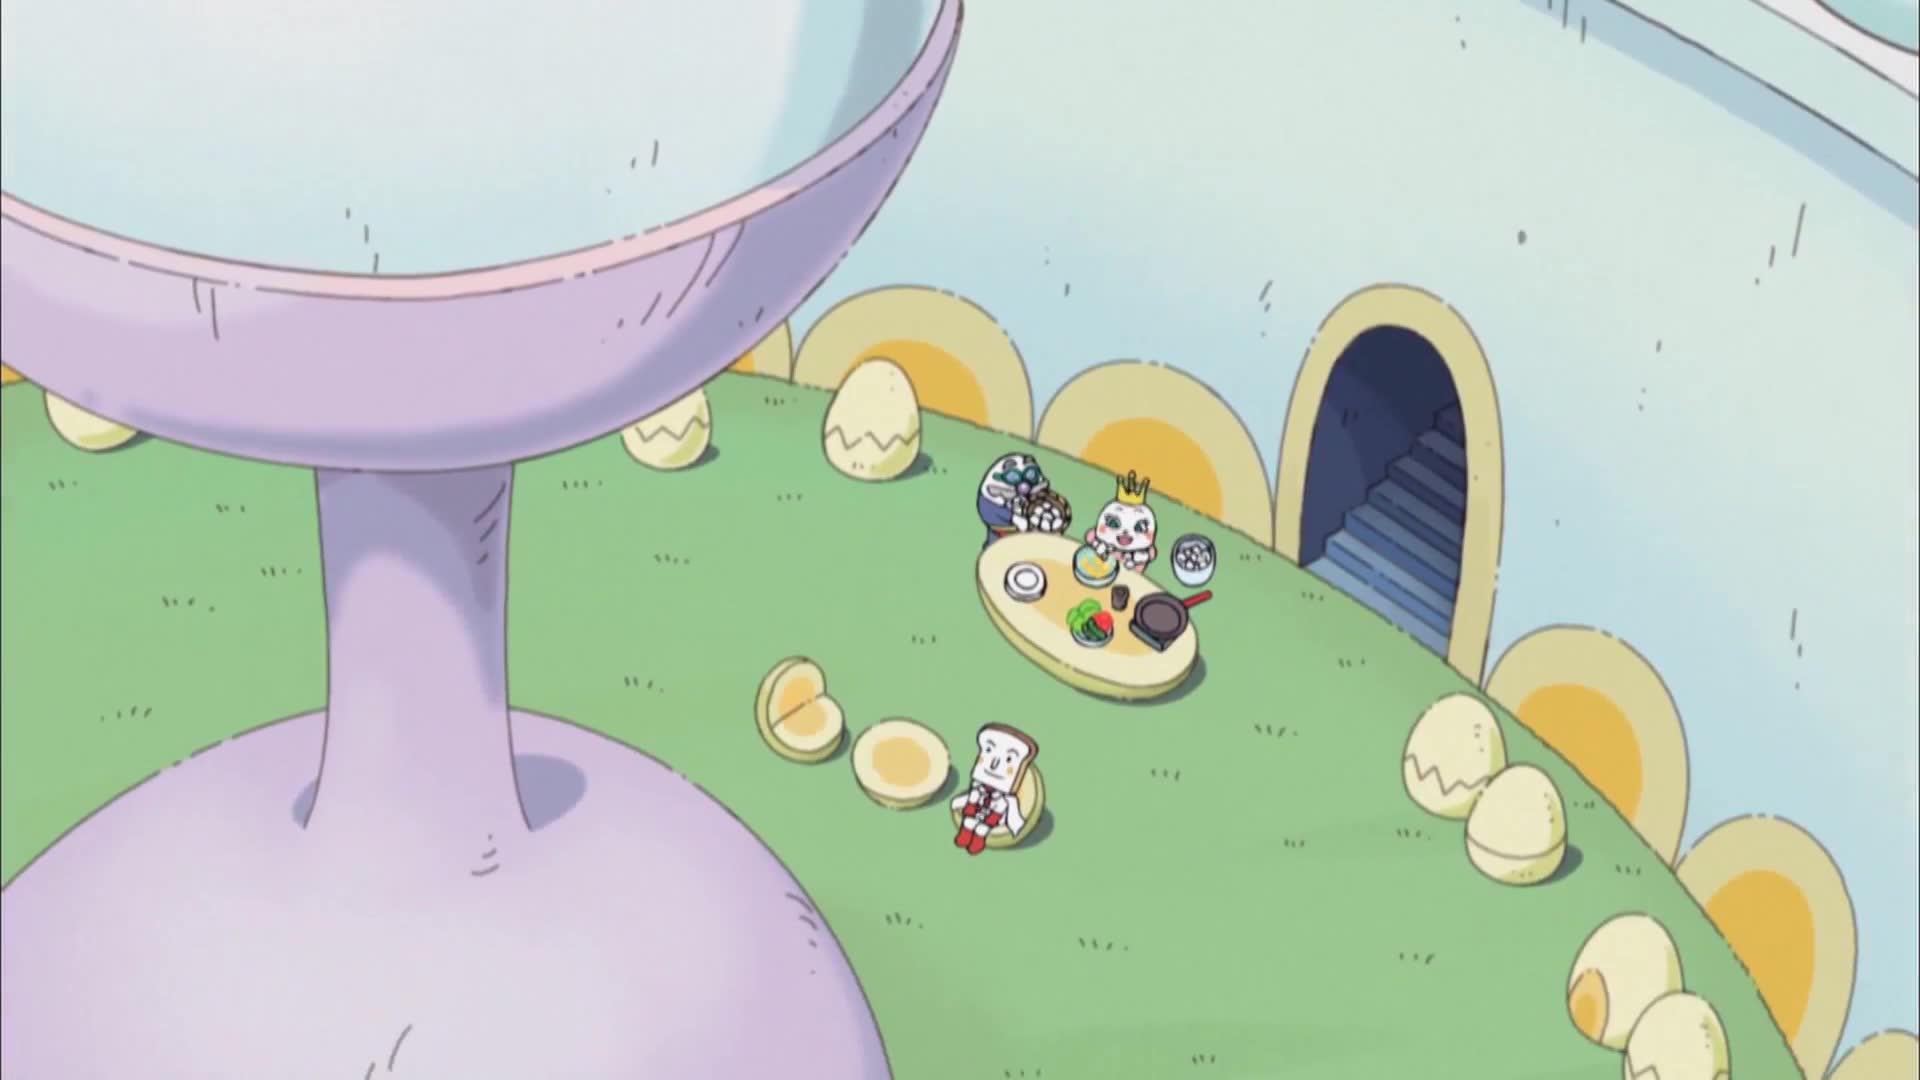 13화 짤랑이와 달걀공주